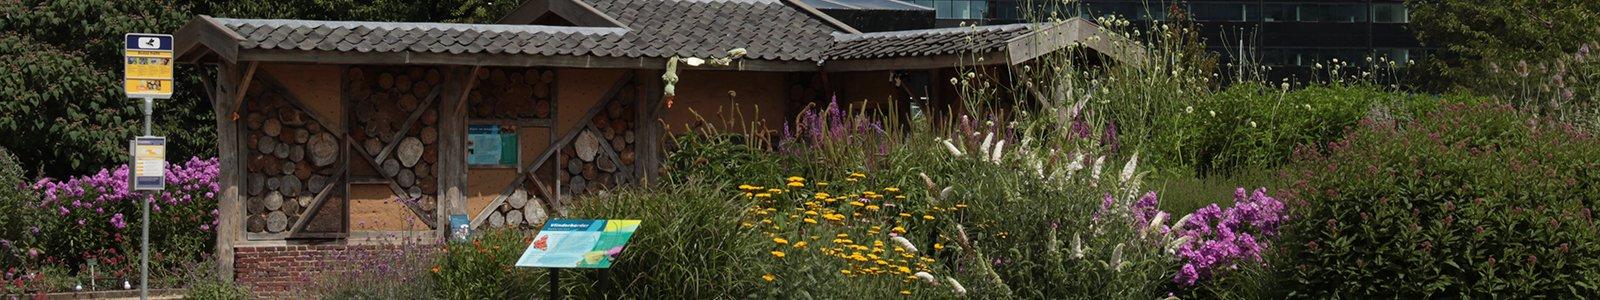 Diertjestuin met wand voor solitaire bijen